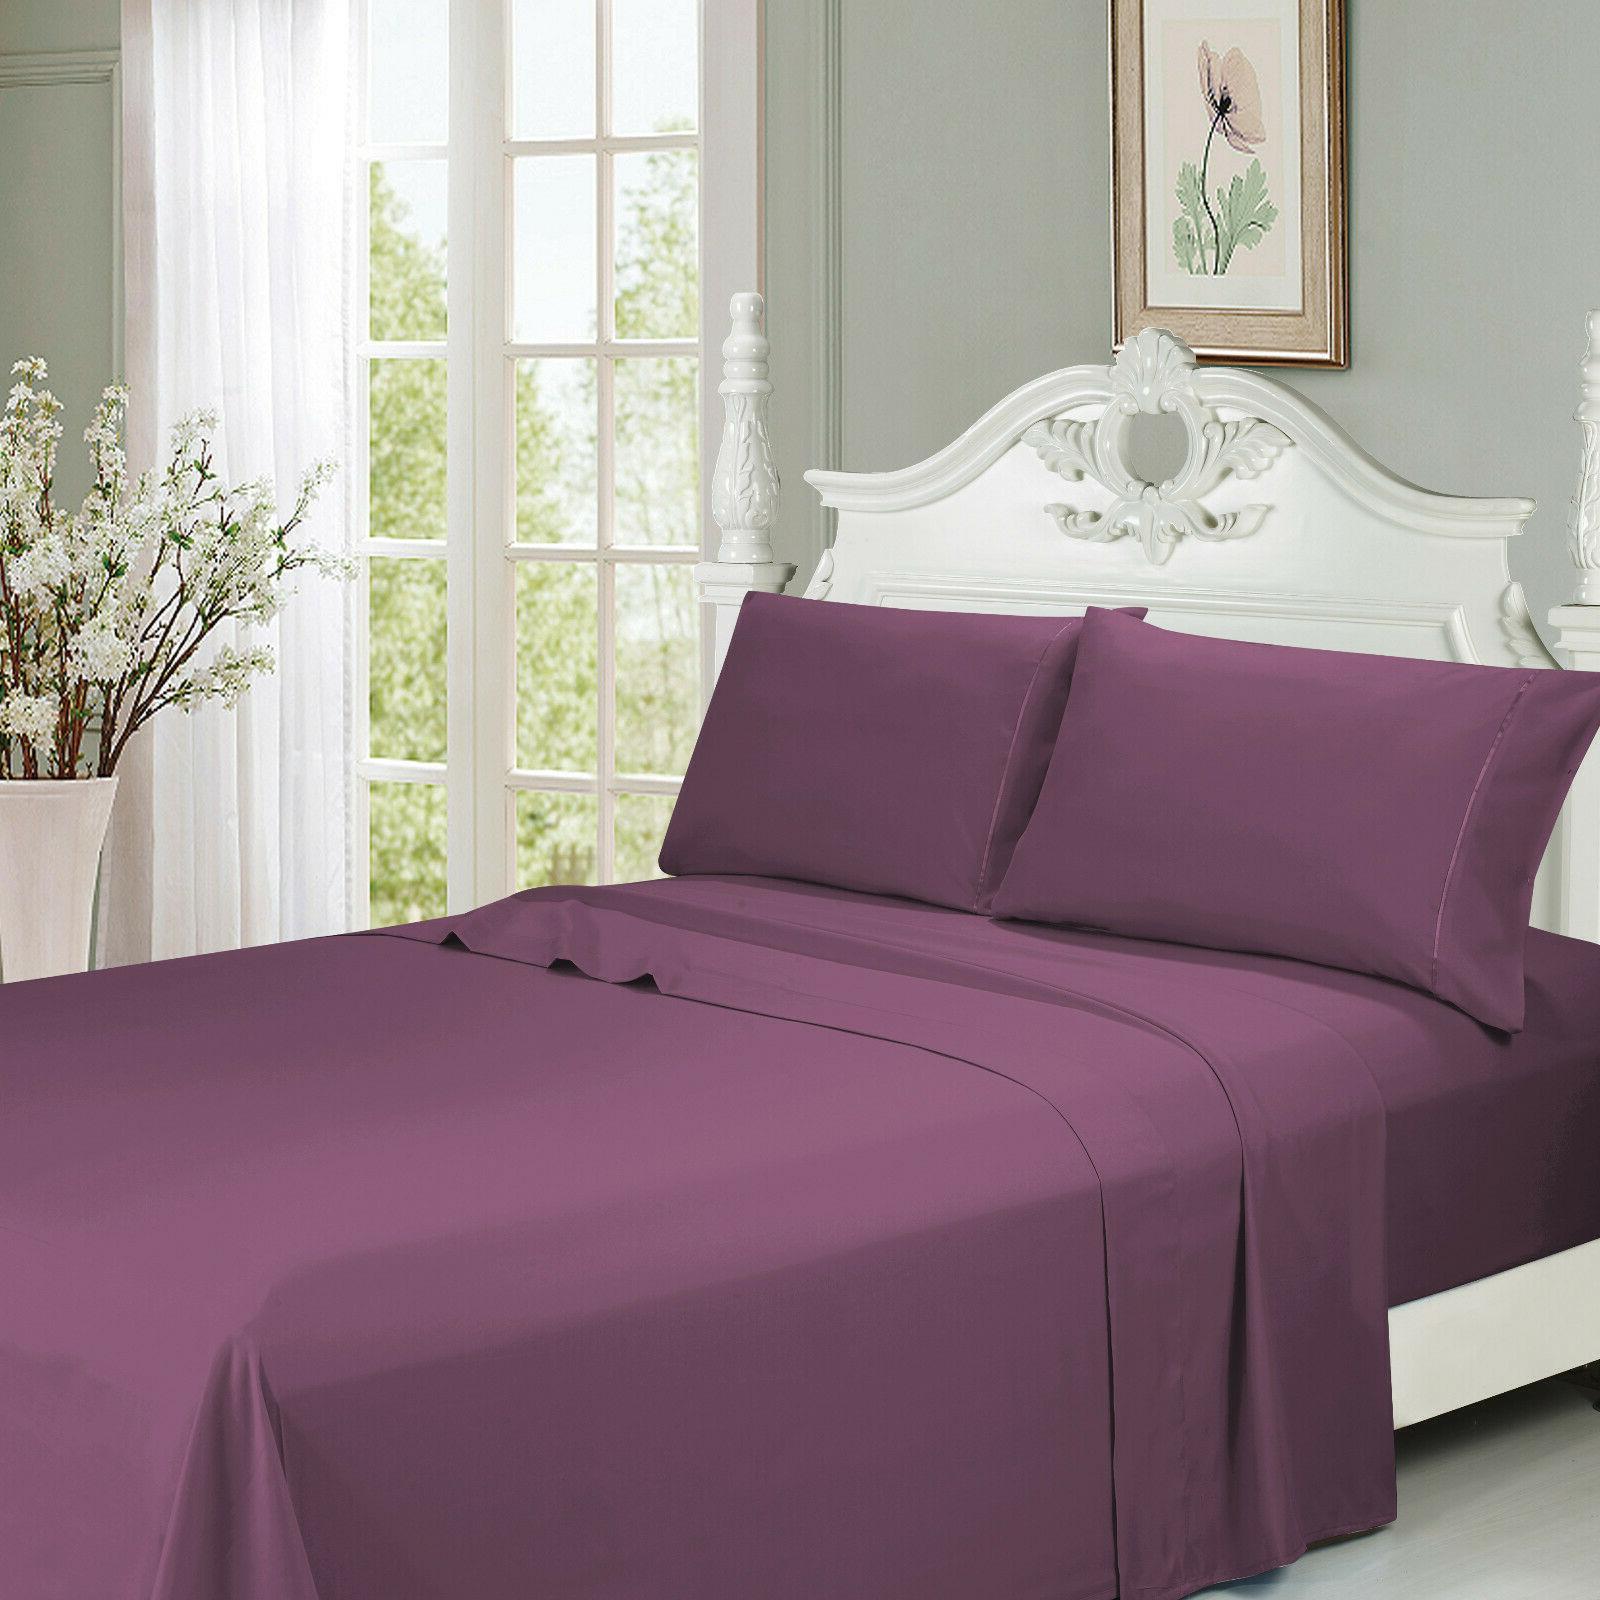 Queen Size Bed Sheet Set 6 PCS Deep Pocket Ultra Soft Cool M